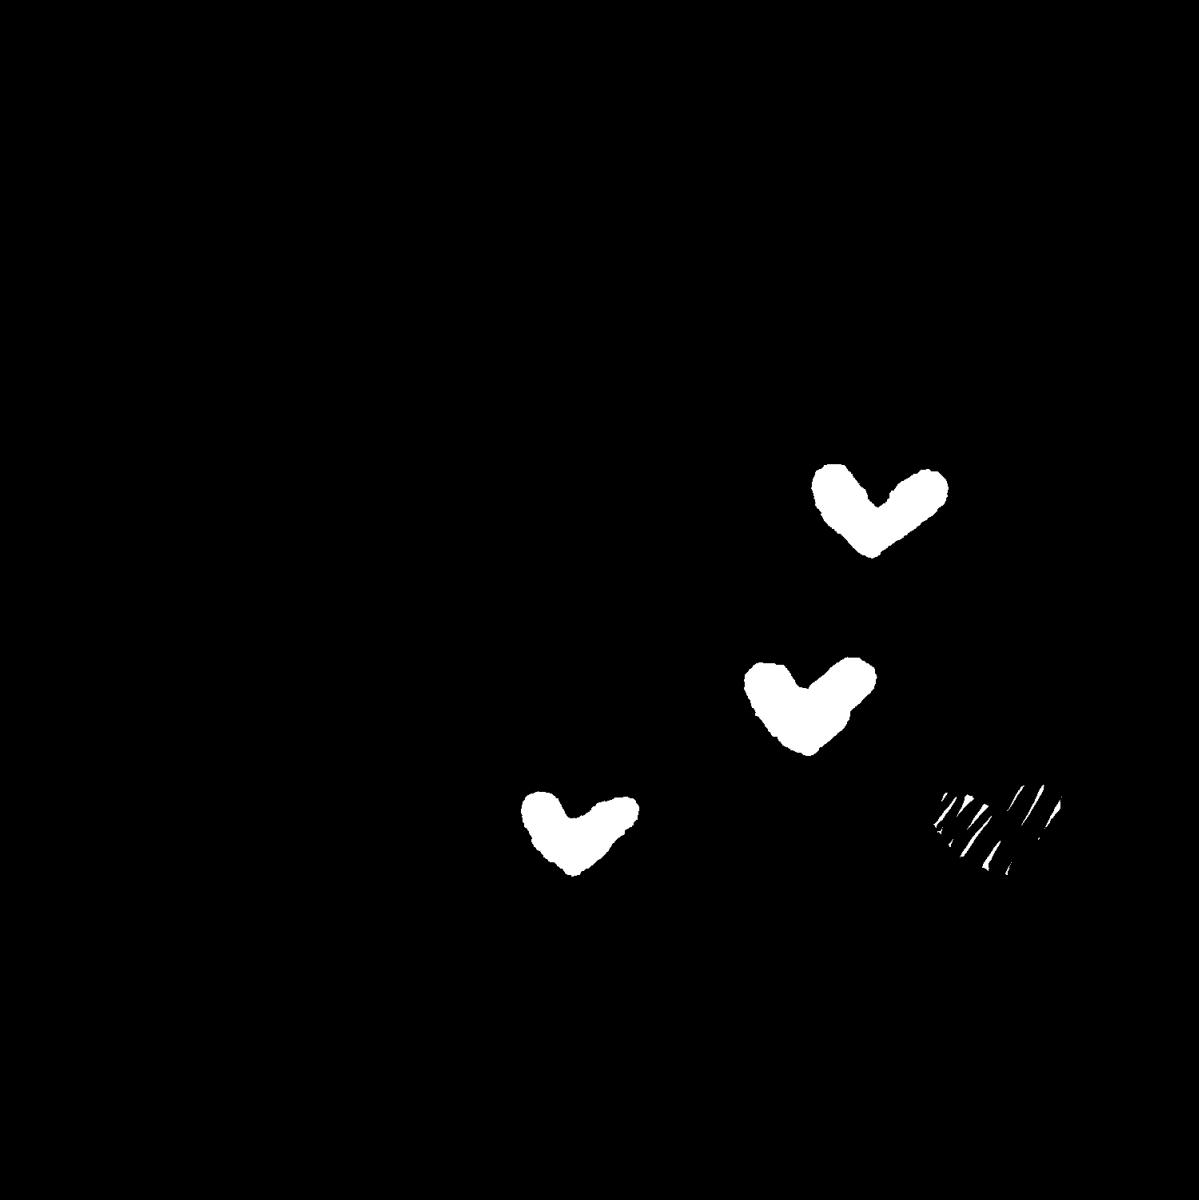 ハートの流れる音符のイラスト / Heart Flowing Notes Illustration